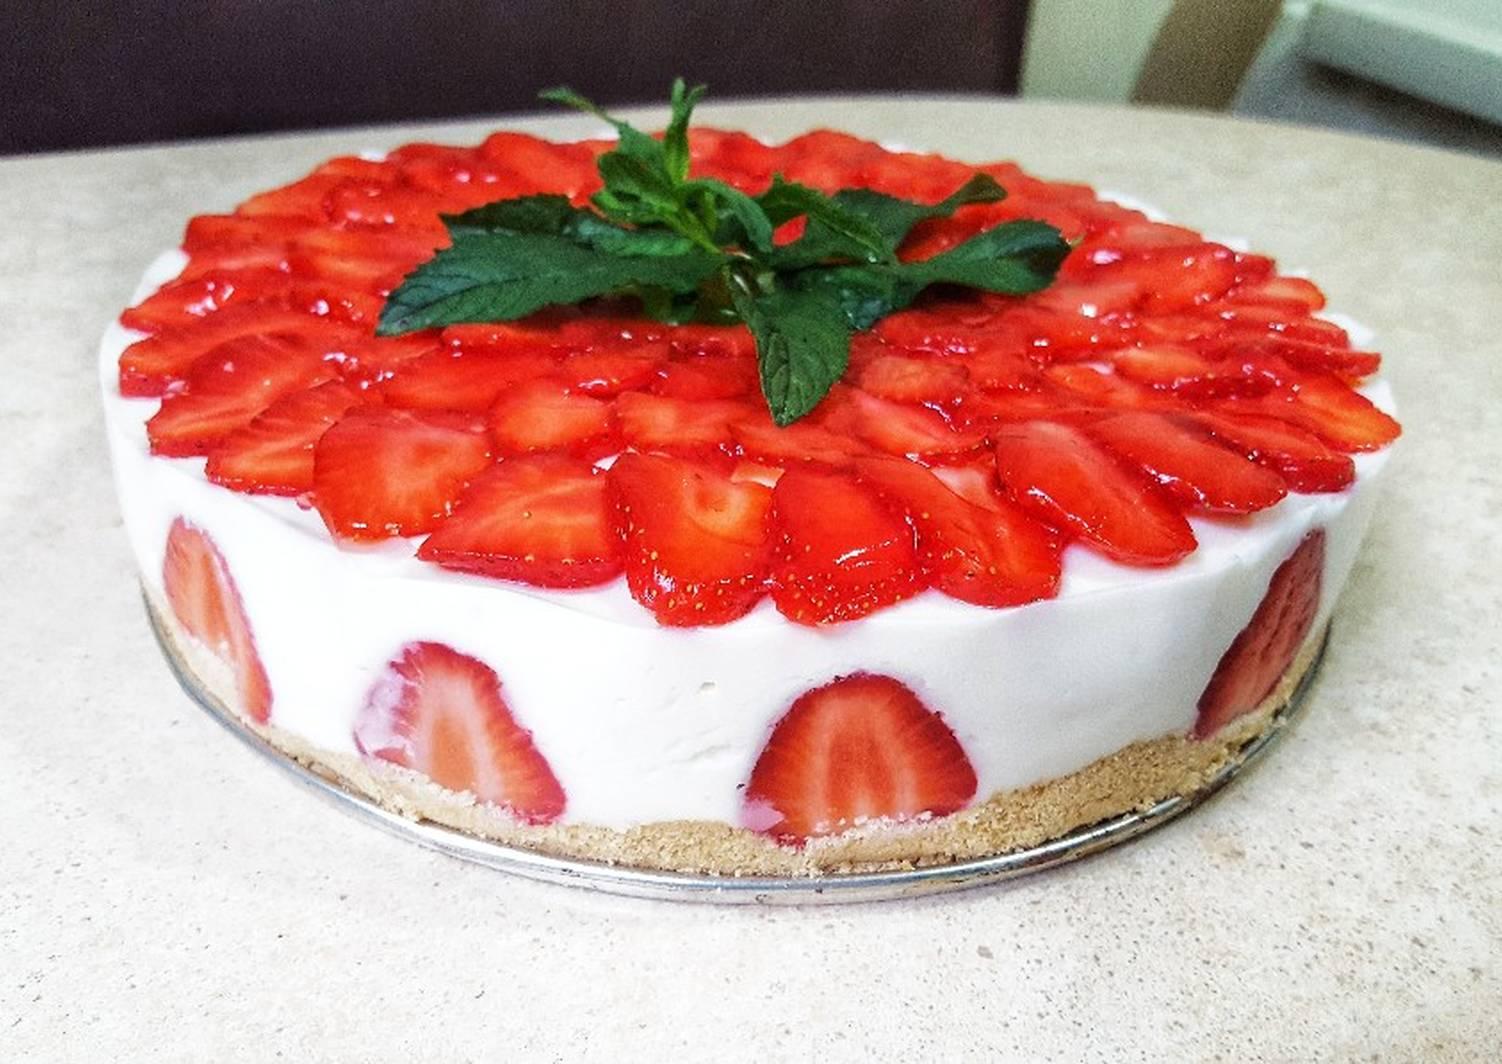 неприступные рецепты йогуртового торта с фото даже такой, сугубо